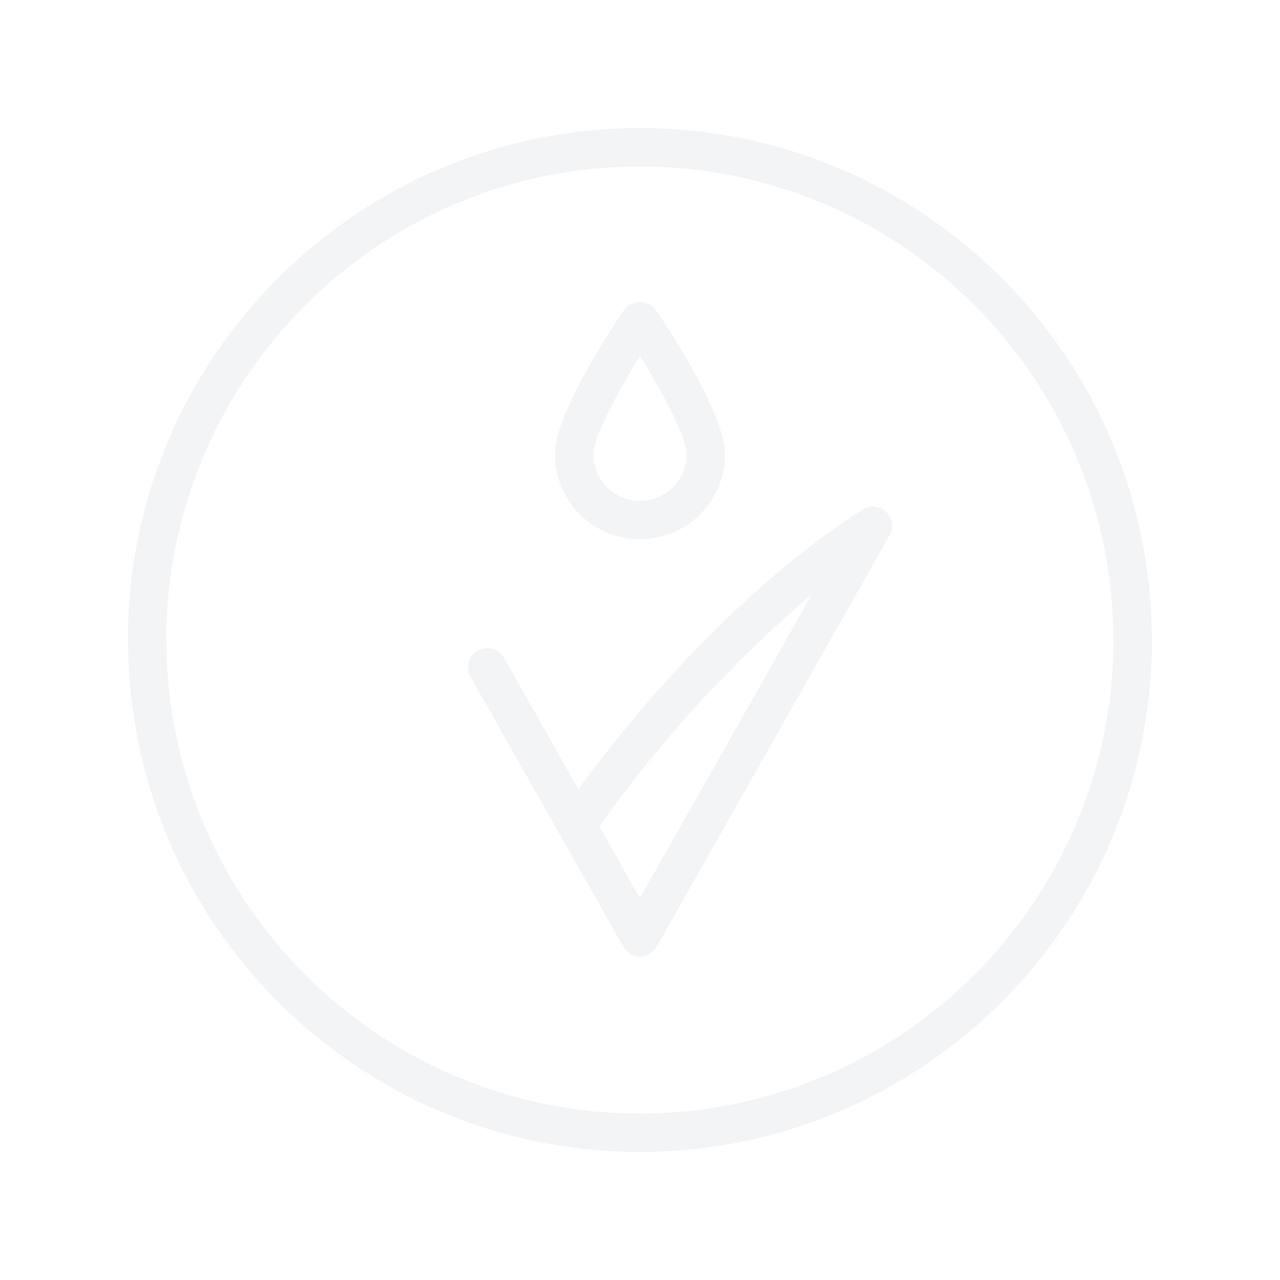 WELLA PROFESSIONALS Invigo Color Brilliance Mask (Coarse Hair) 500ml